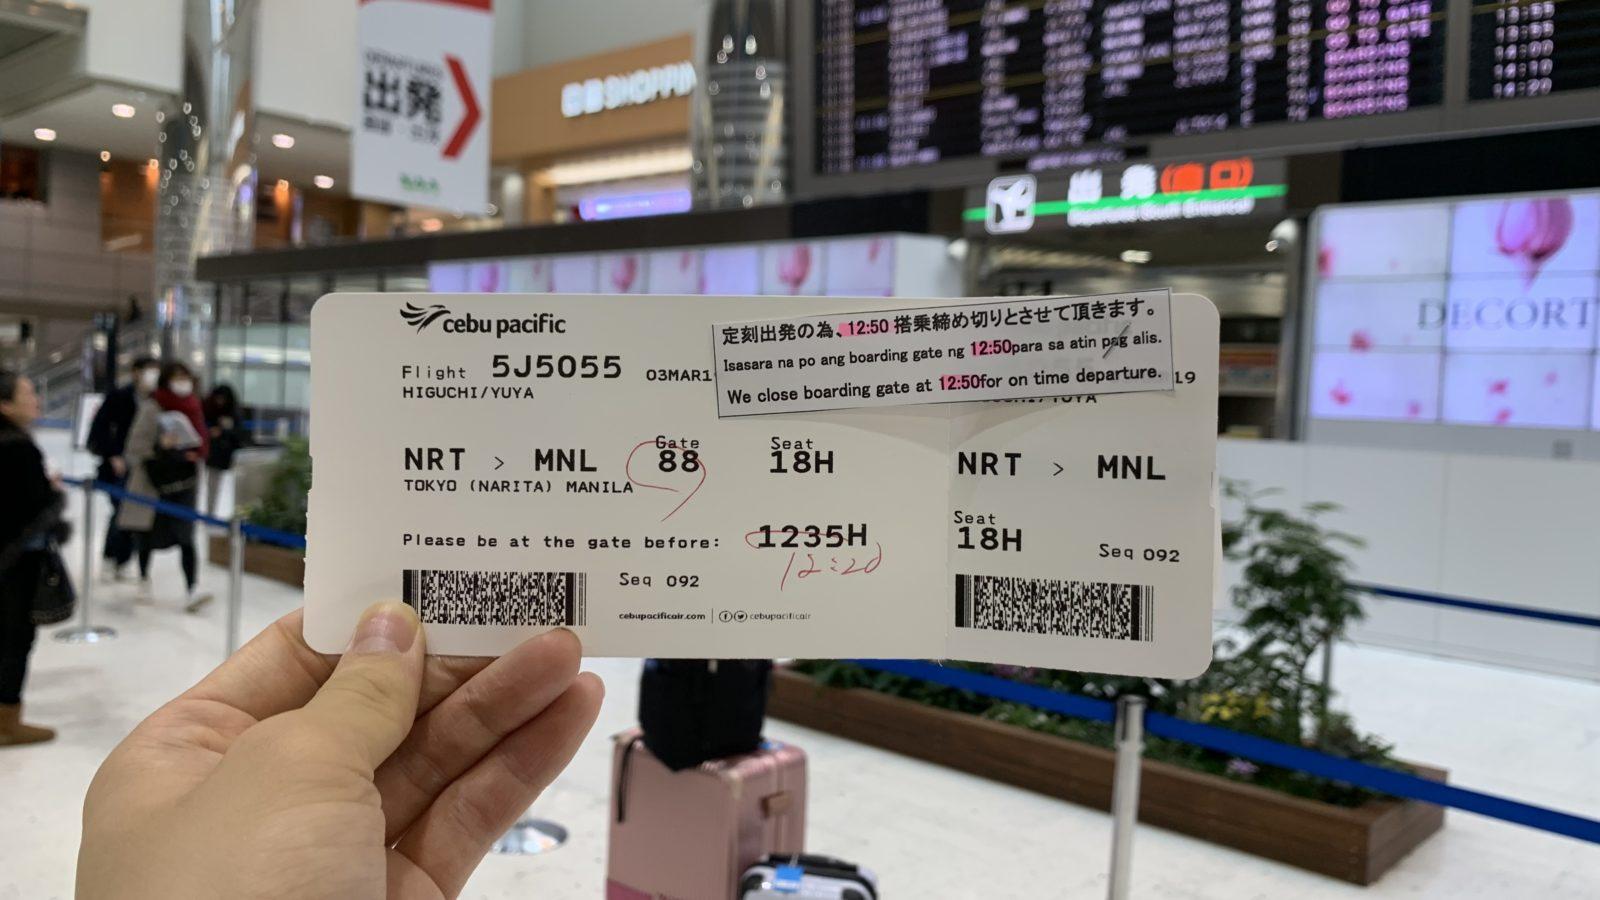 セブパシフィック航空券